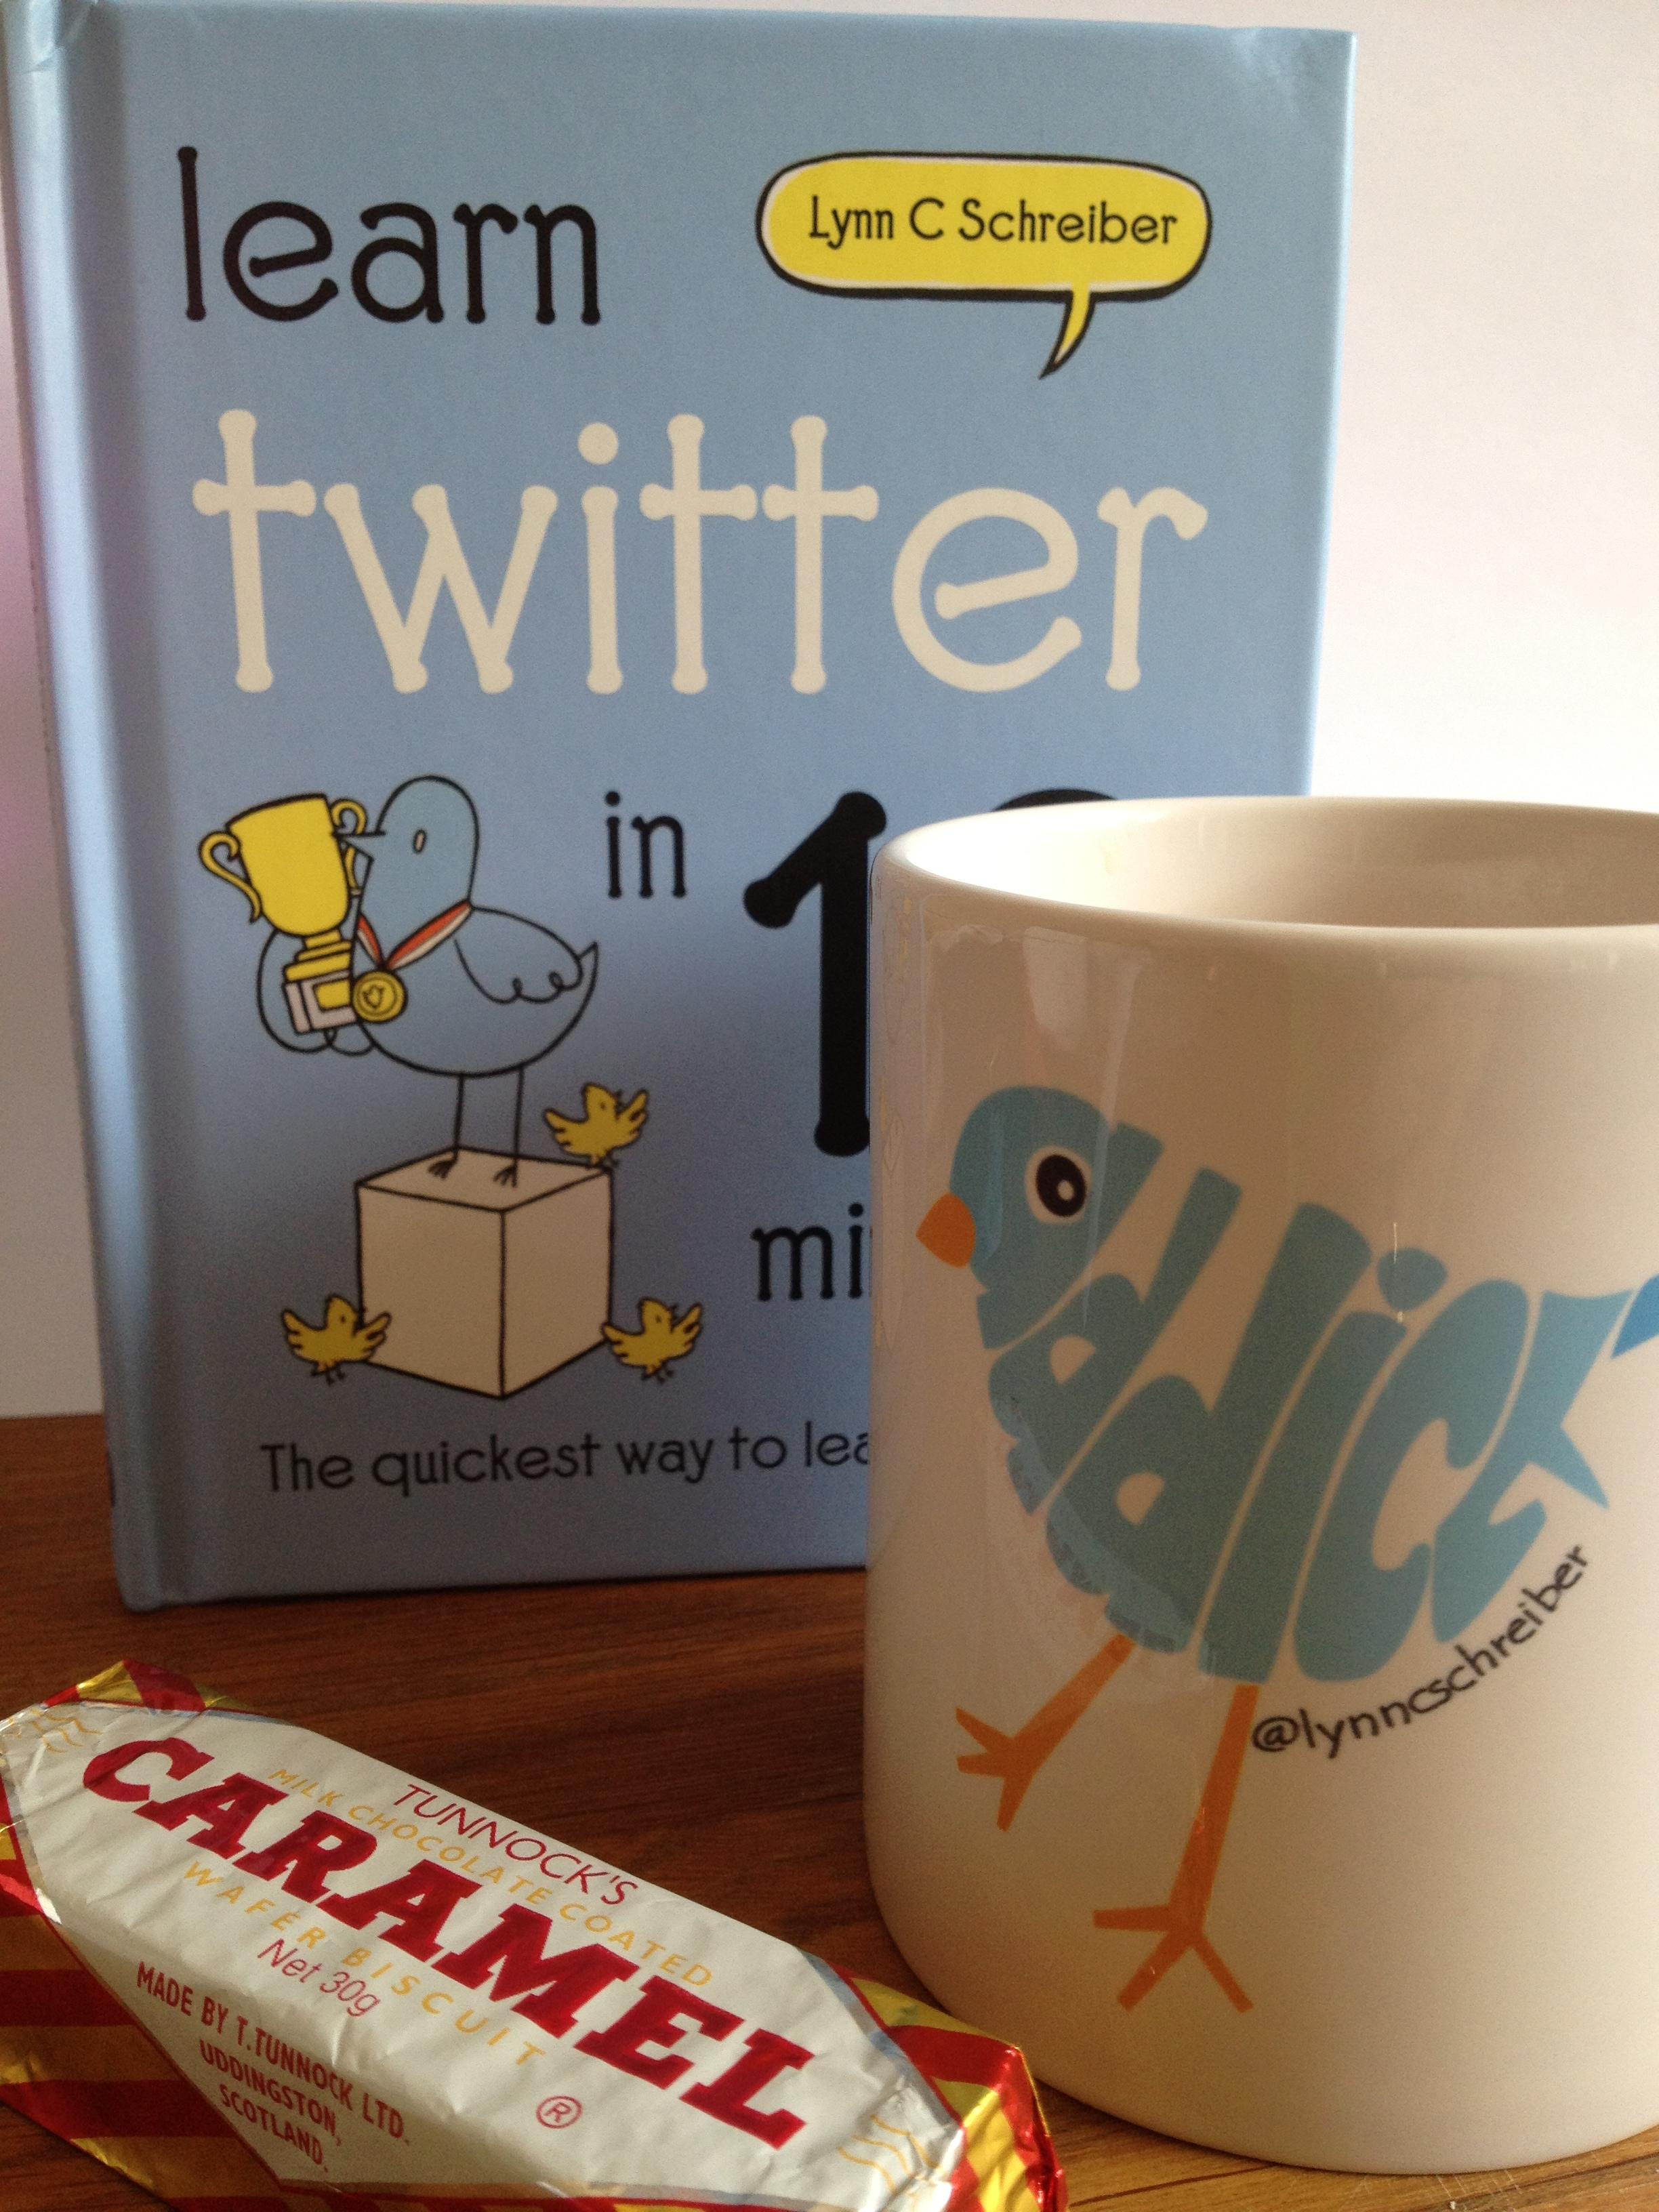 learn twitter